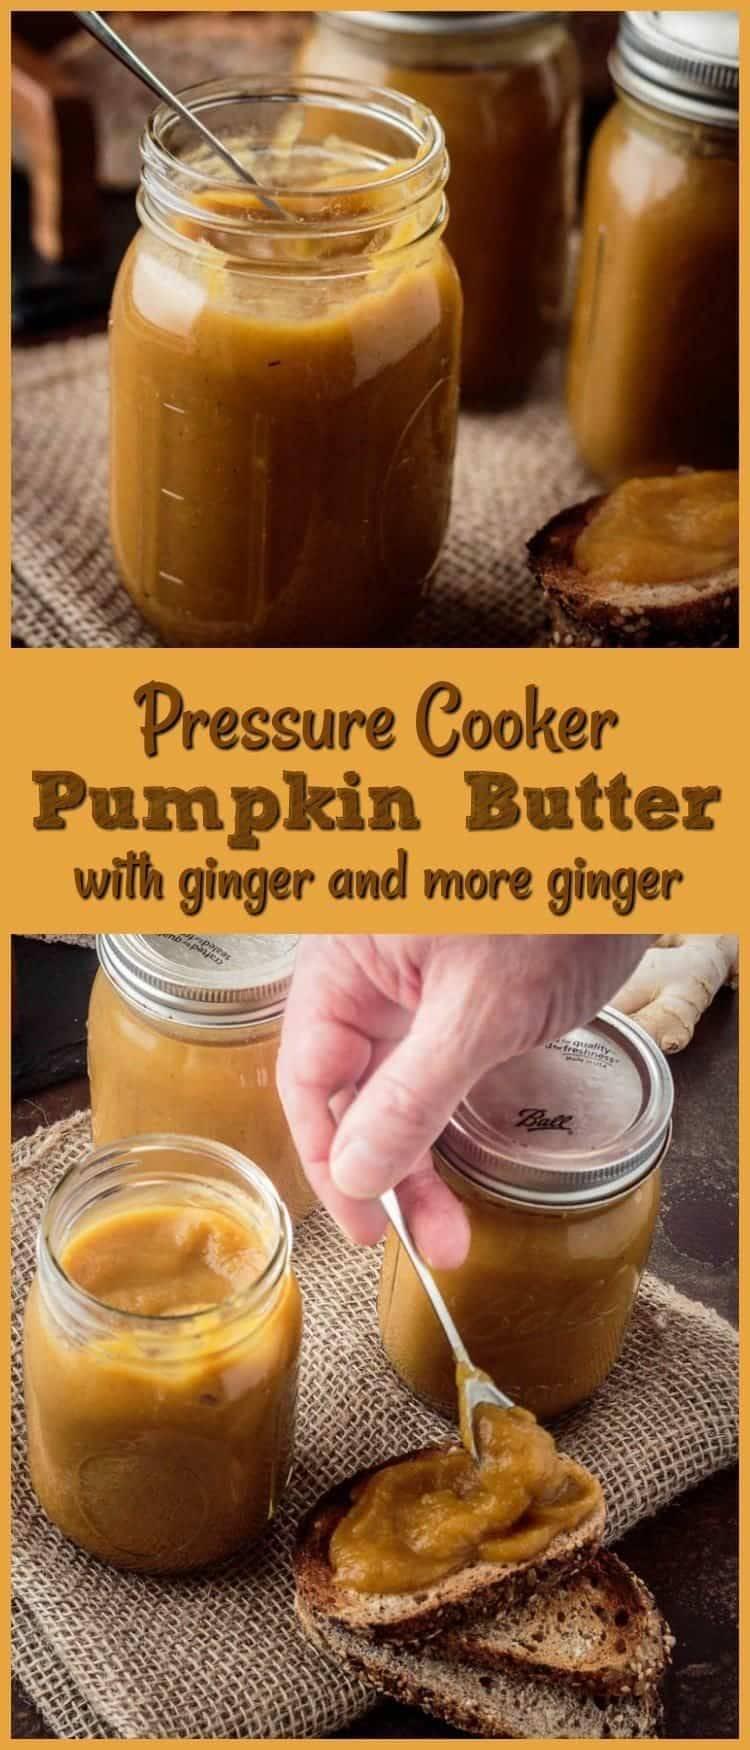 Pressure Cooker Pumpkin Butter Pin -